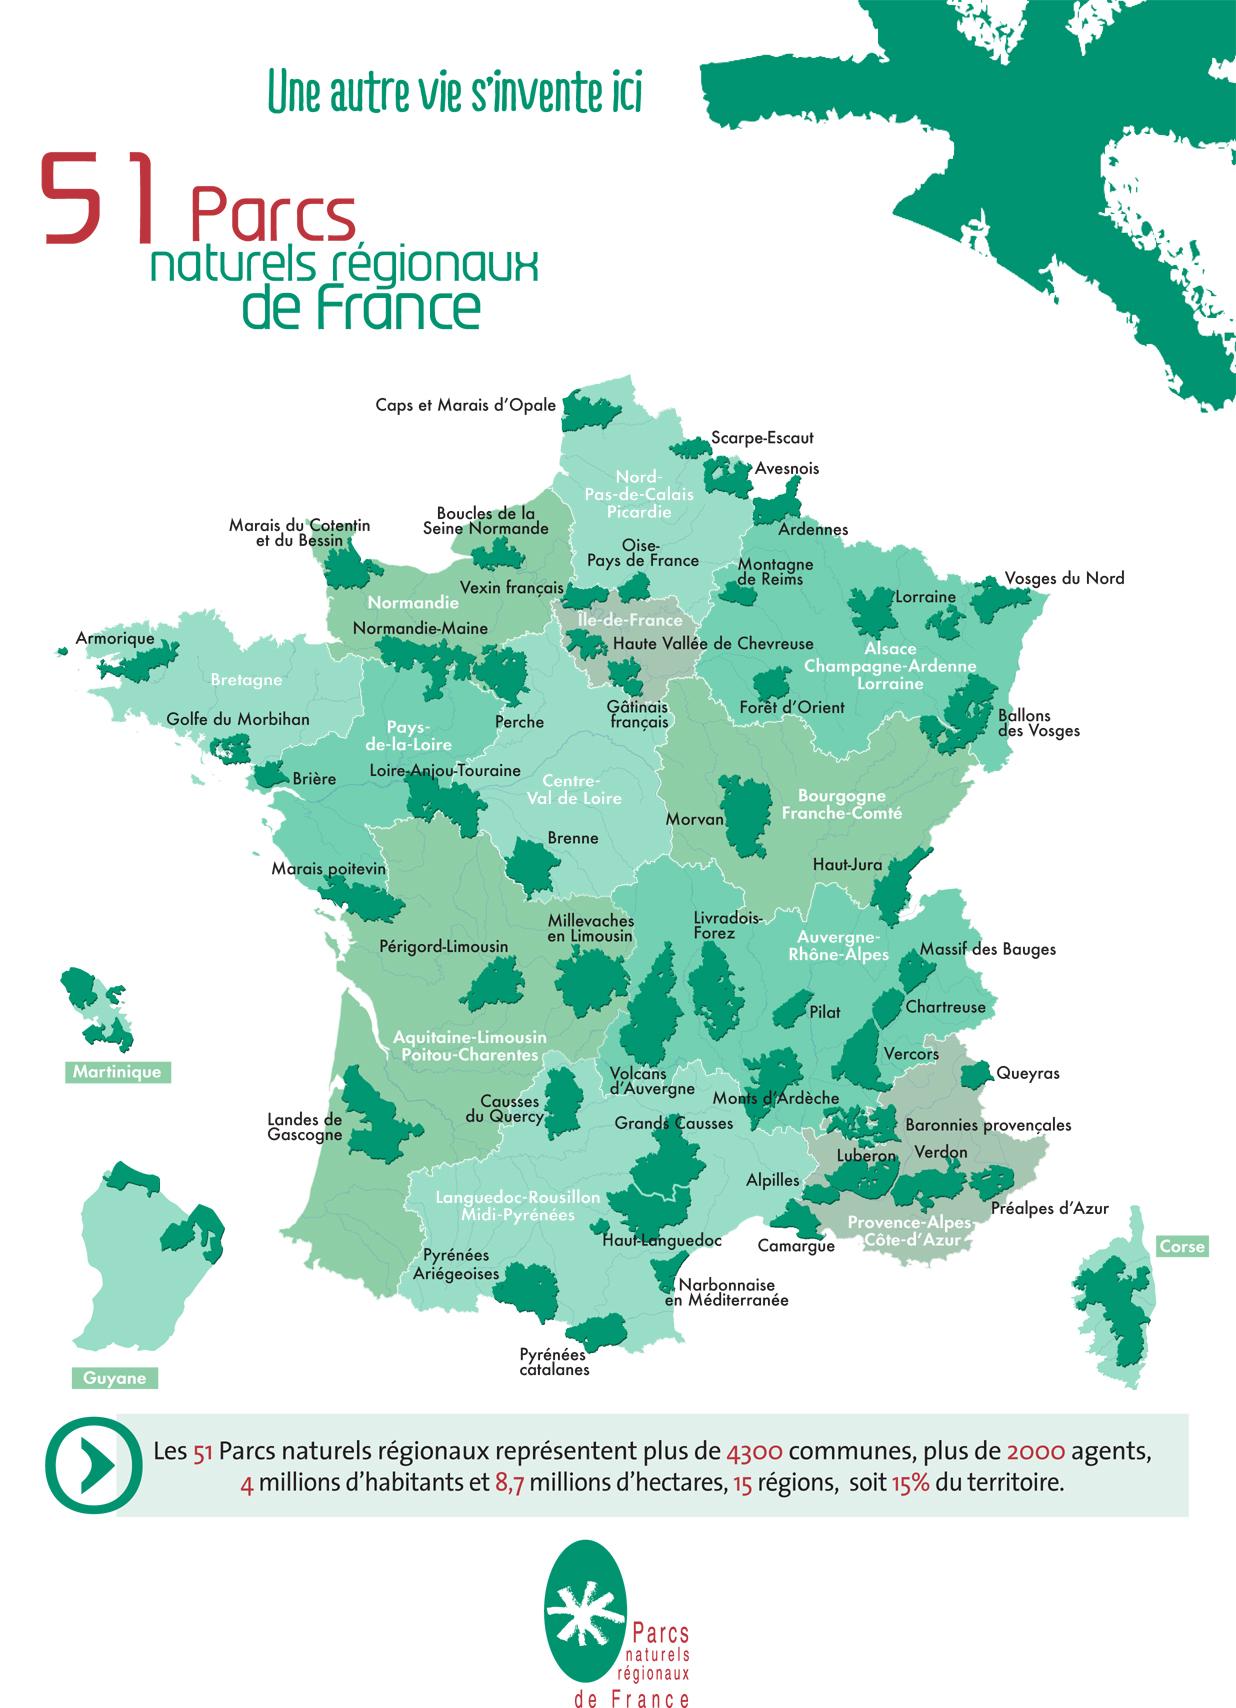 La carte des Parcs Naturels Régionaux (source : www.parcs-naturels-regionaux.fr/)